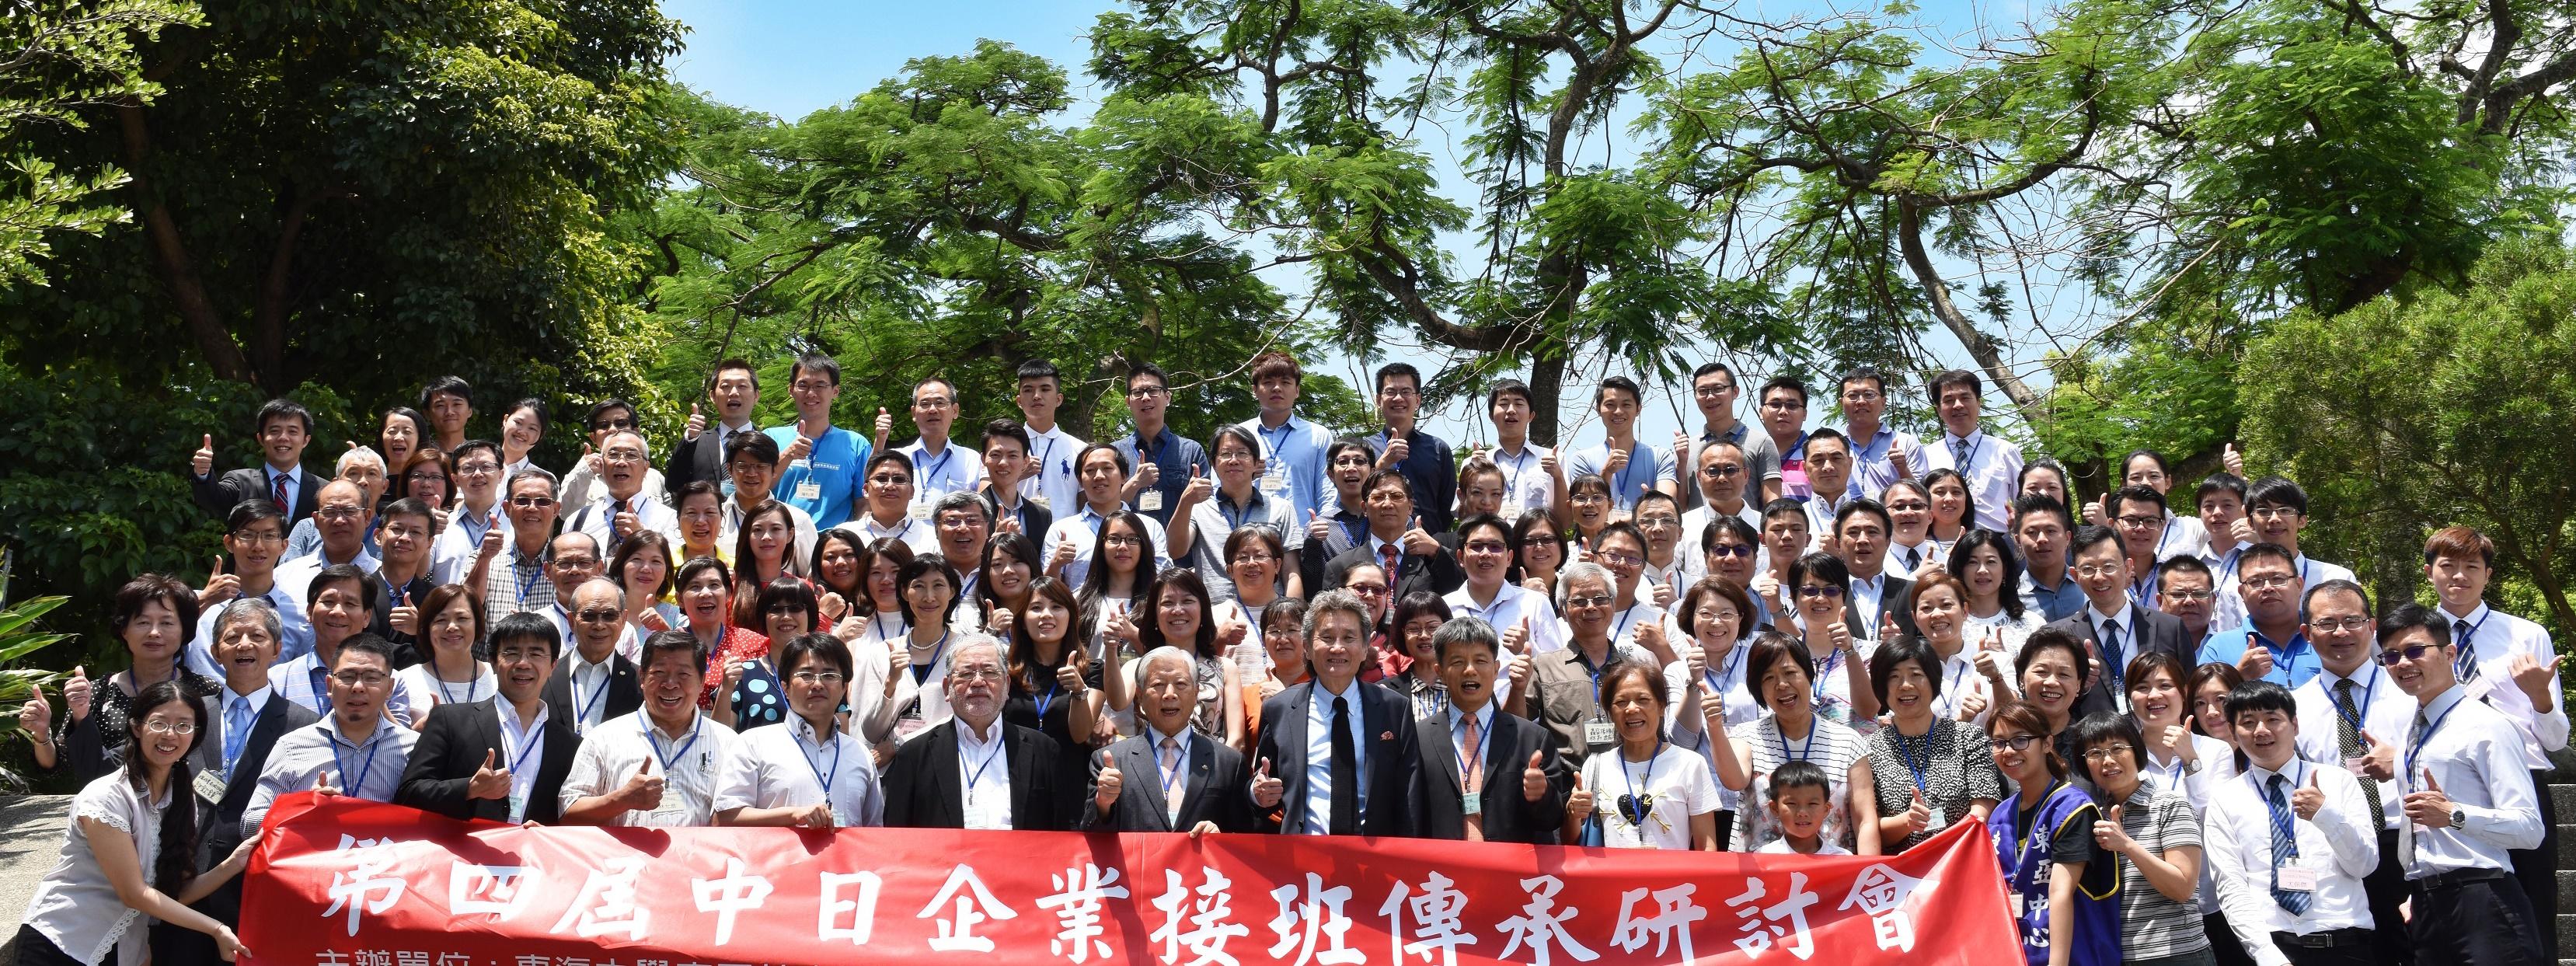 第四屆中日企業接班傳承研討會